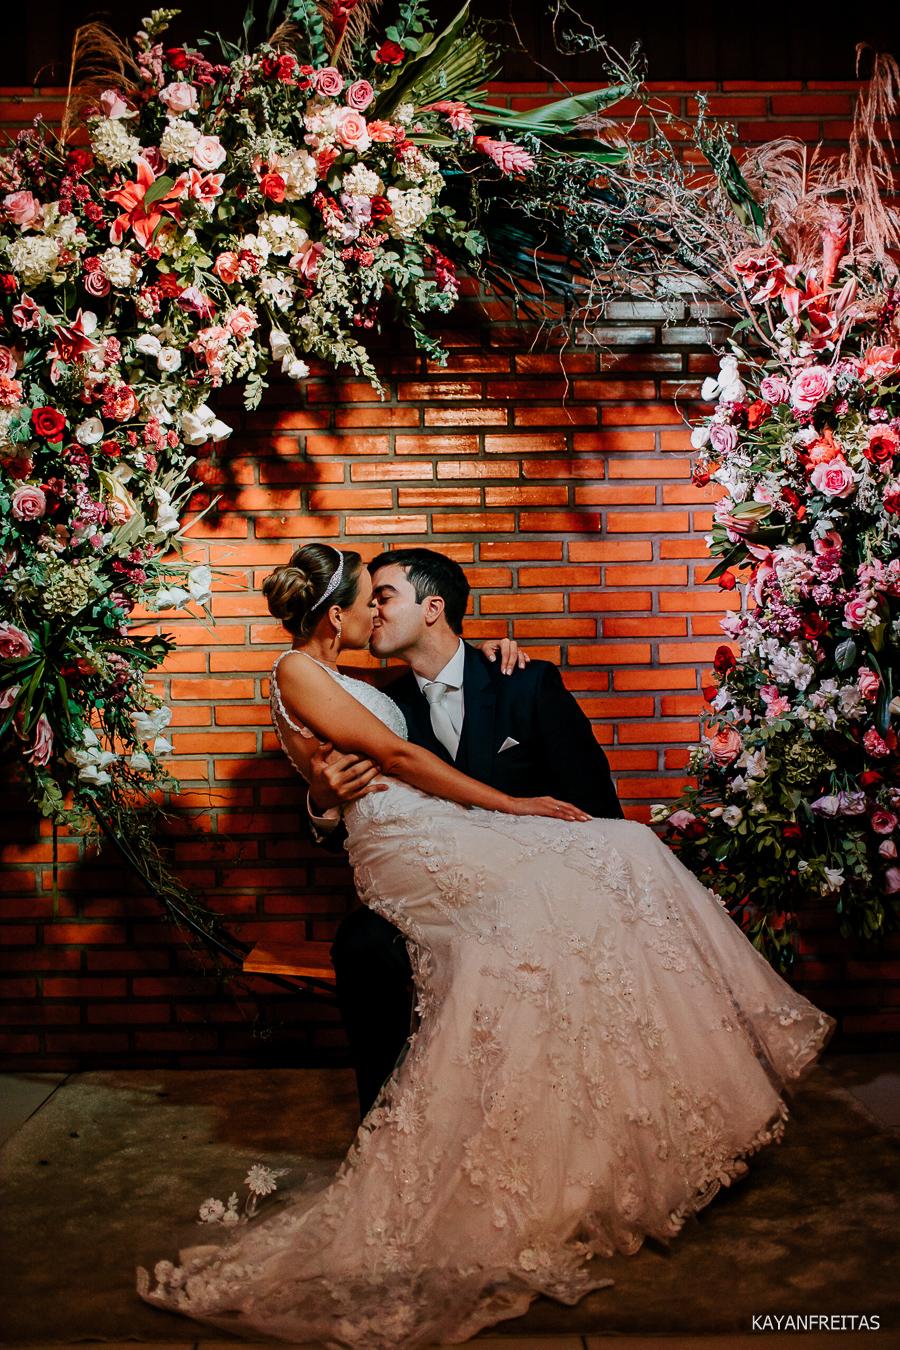 carol-eduardo-casamento-0094 Casamento Carol e Eduardo - São José / SC